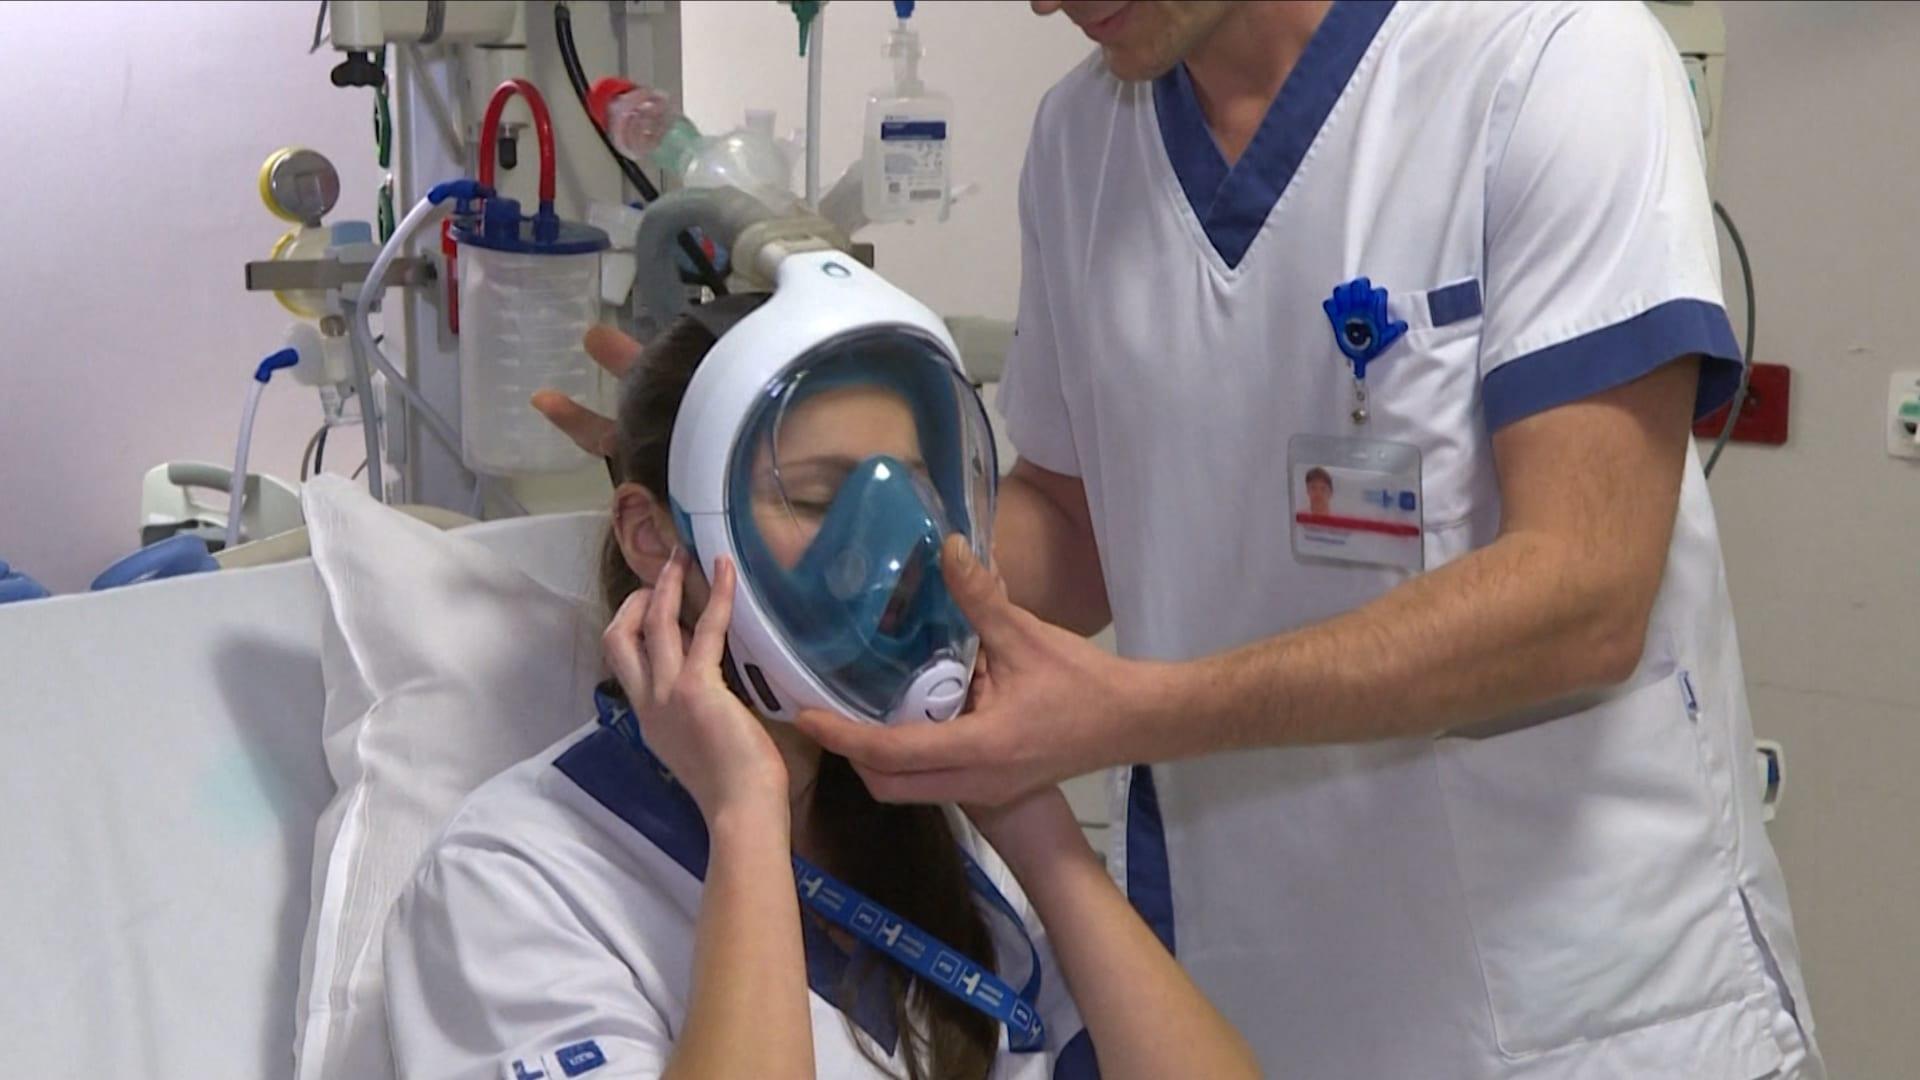 مستشفى بلجيكي يحول أقنعة الغطس إلى أجهزة التنفس الصناعي لمكافحة فيروس كورونا